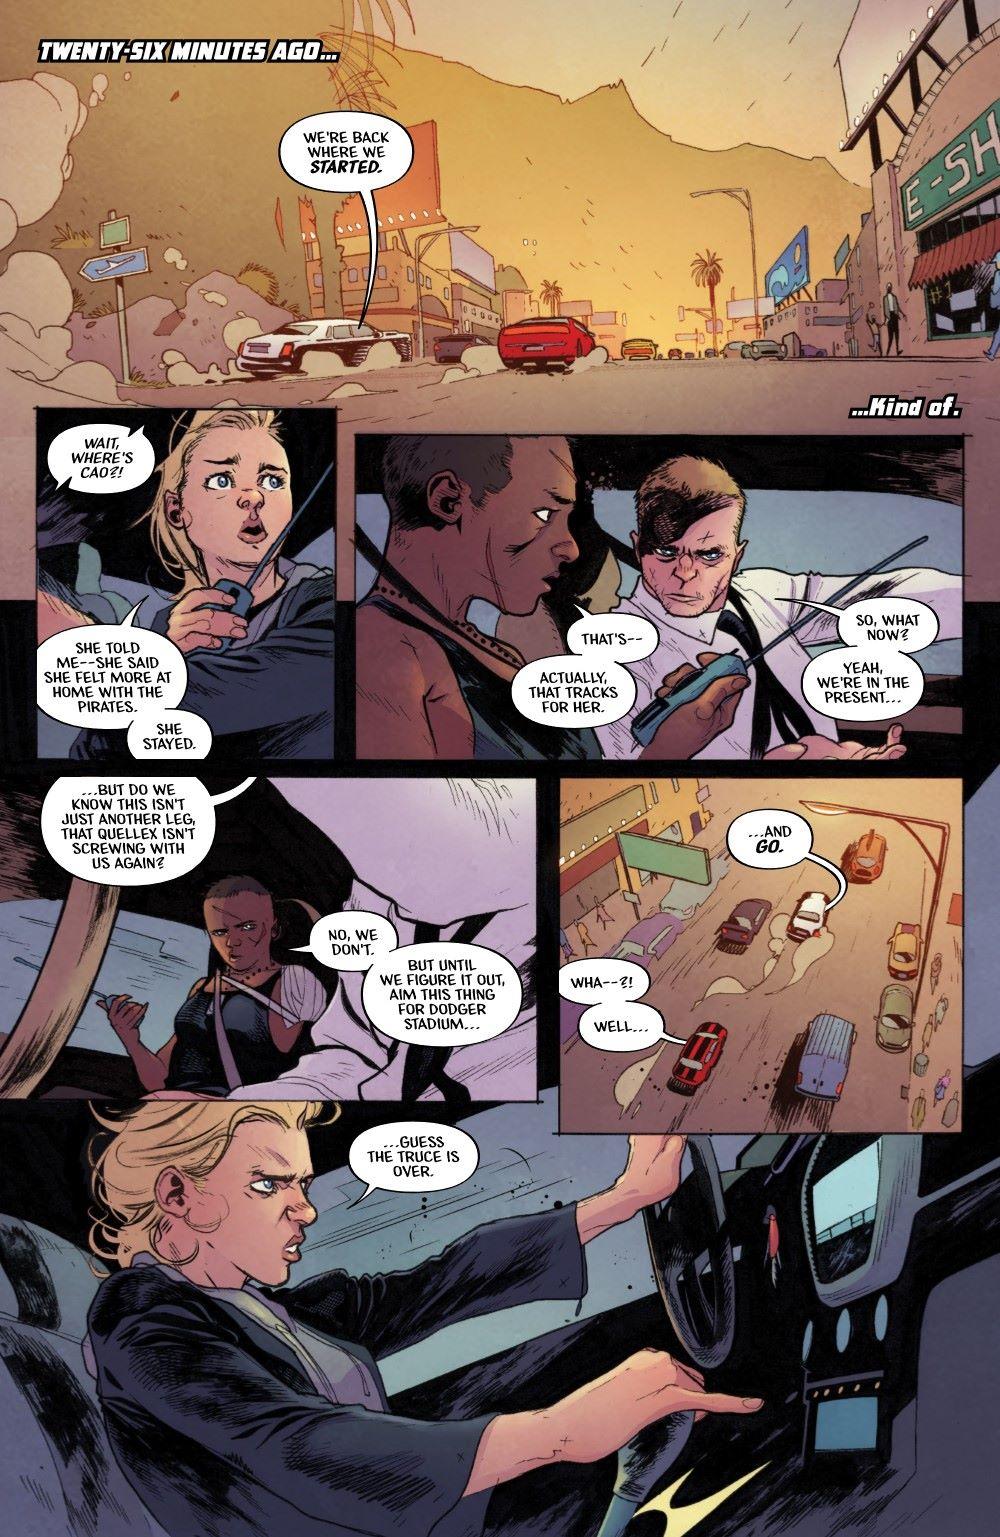 BACKTRACK-10-MARKETING-04 ComicList Previews: BACKTRACK #10